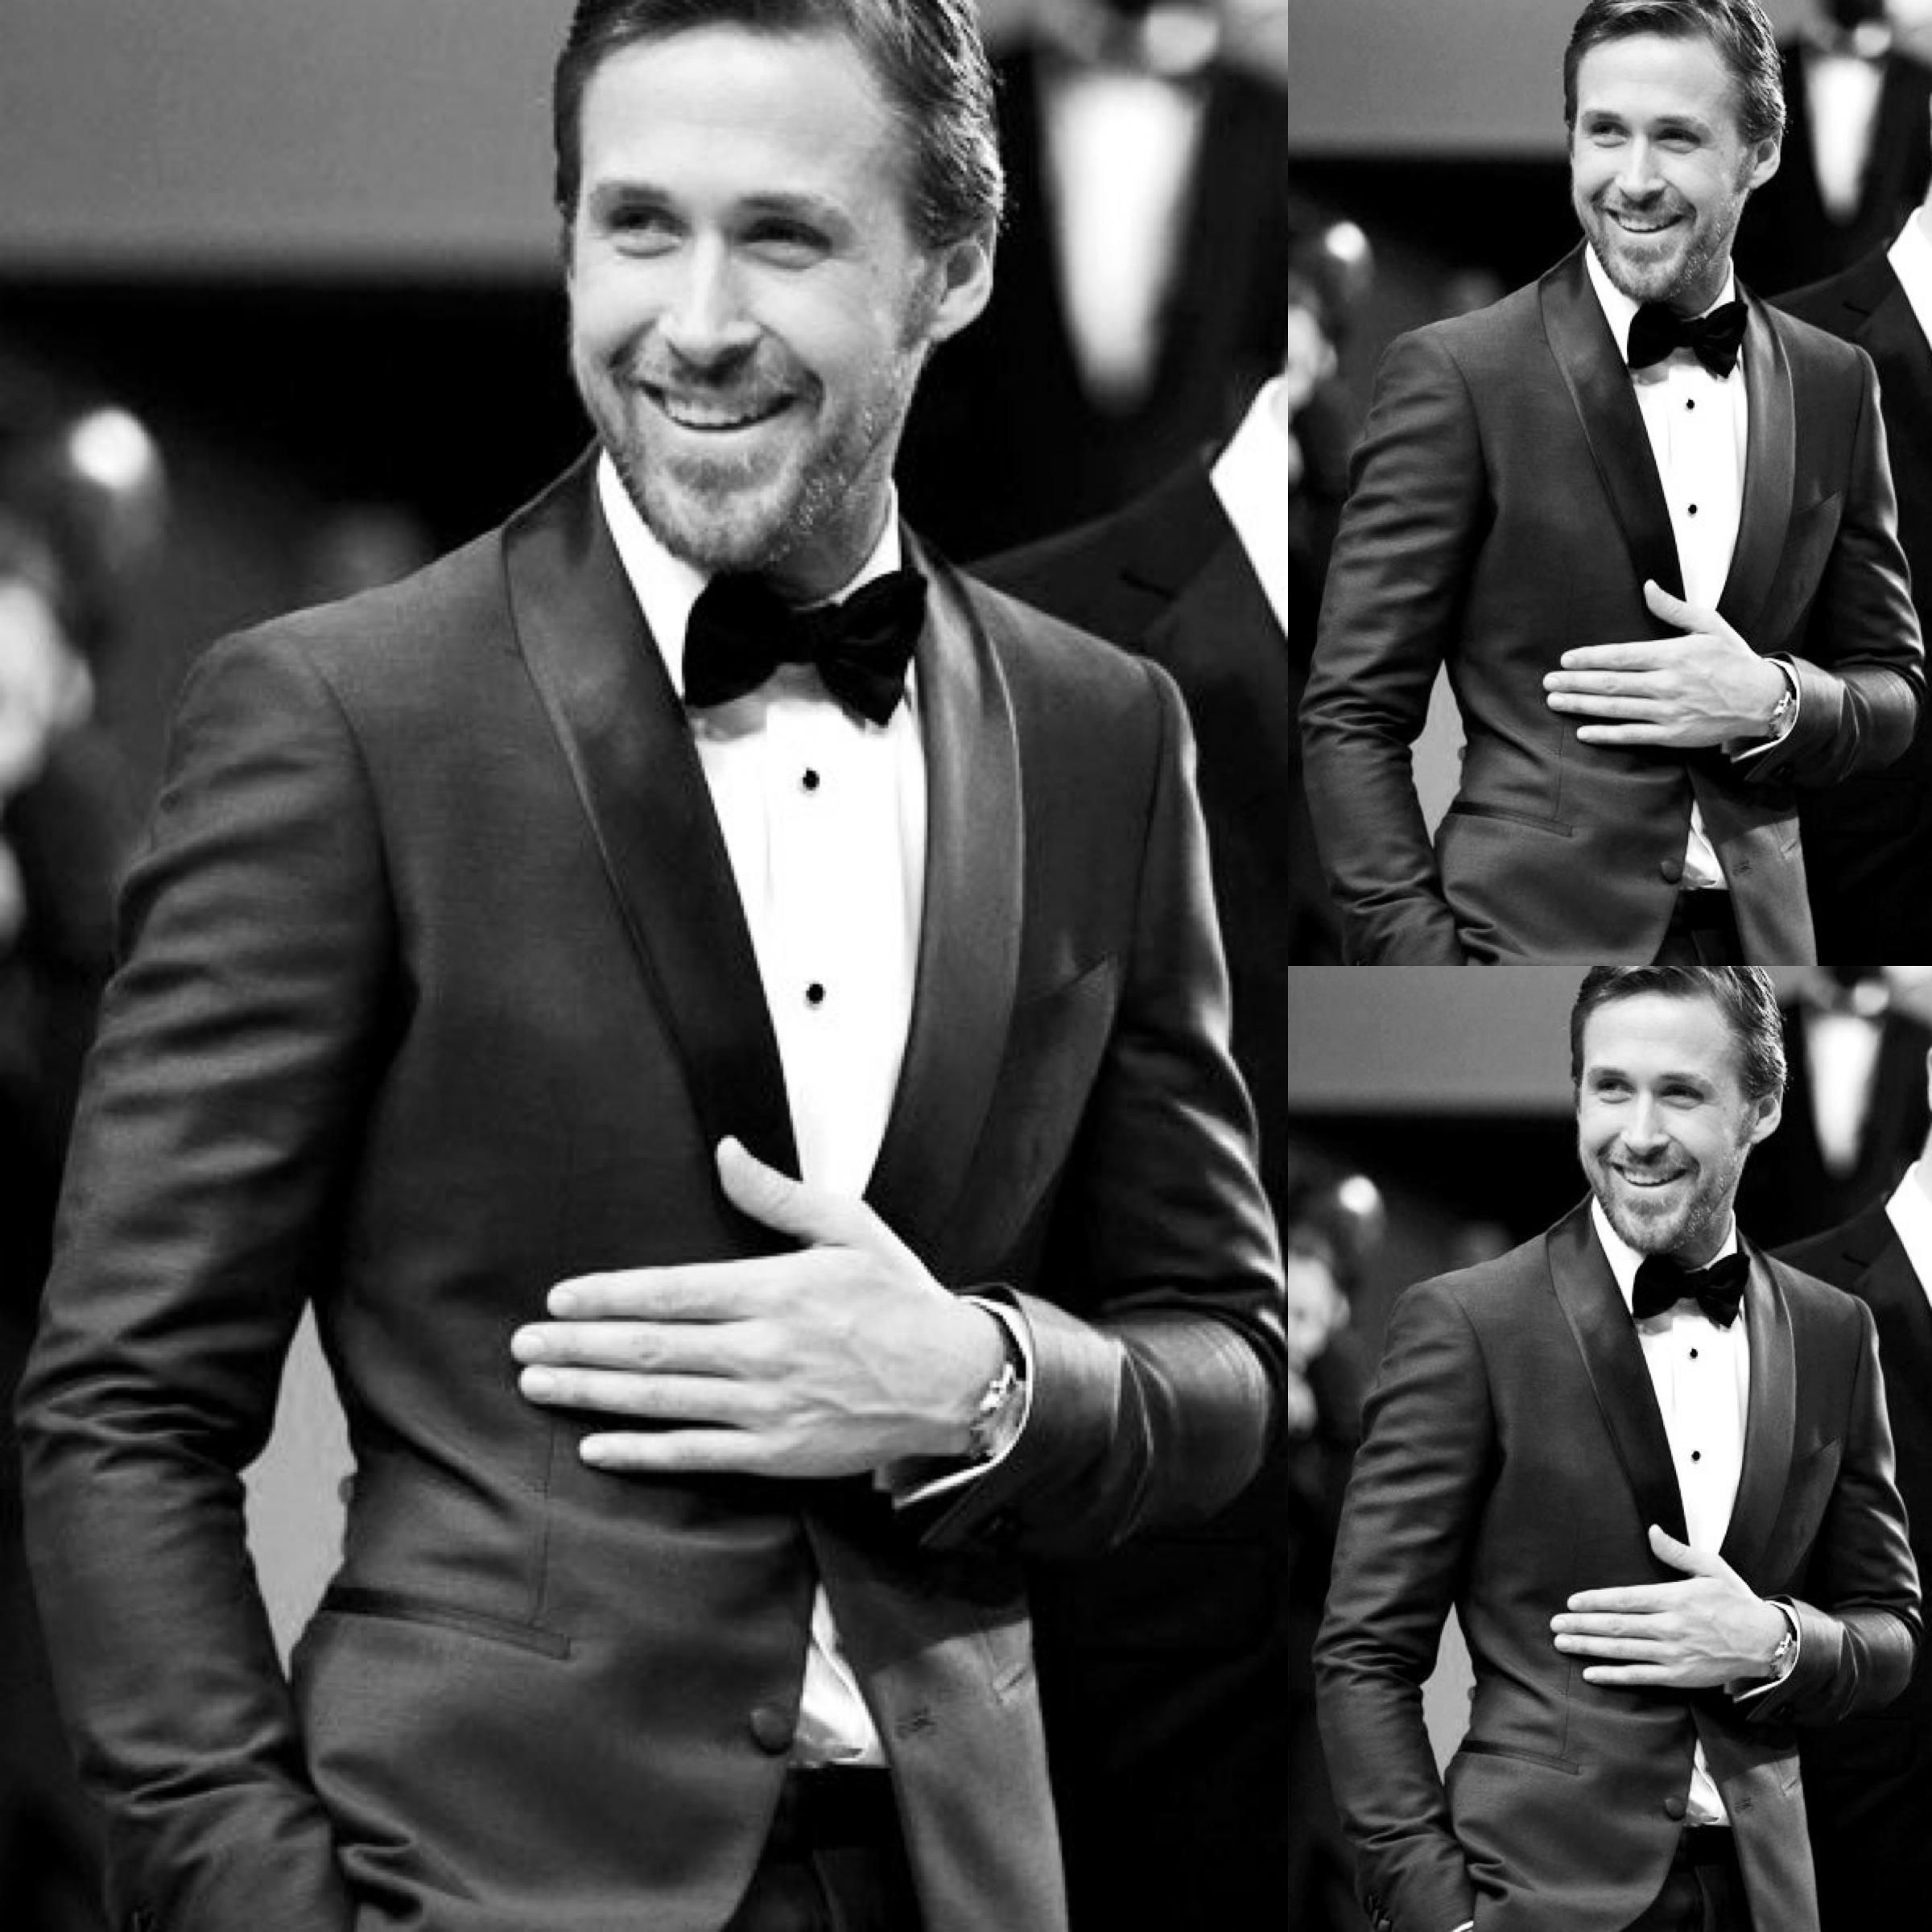 #2 (161 likes) :: Ryan Gosling